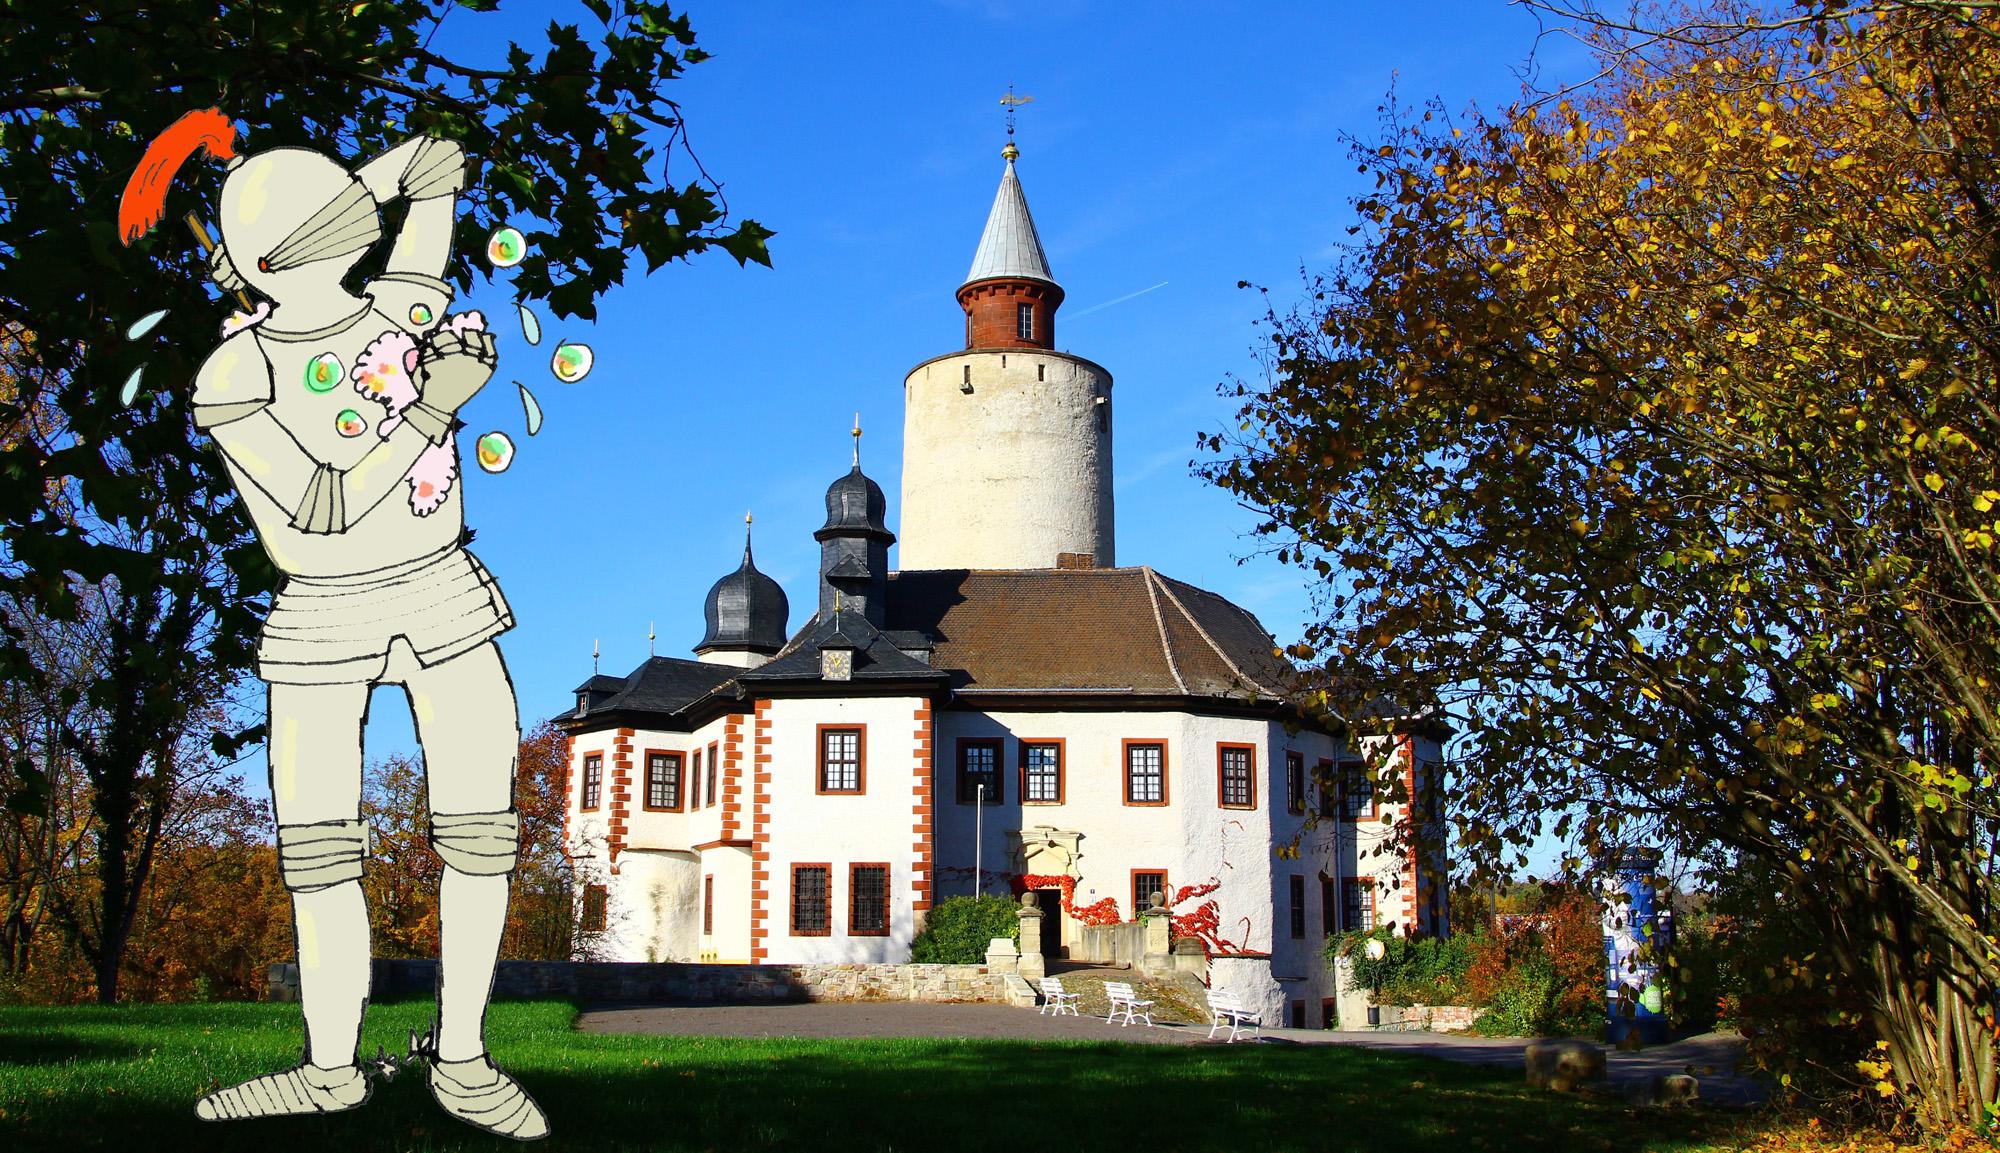 Zeichnung Ritter in Rüstung mit Seife vor einem Foto der Burg Posterstein